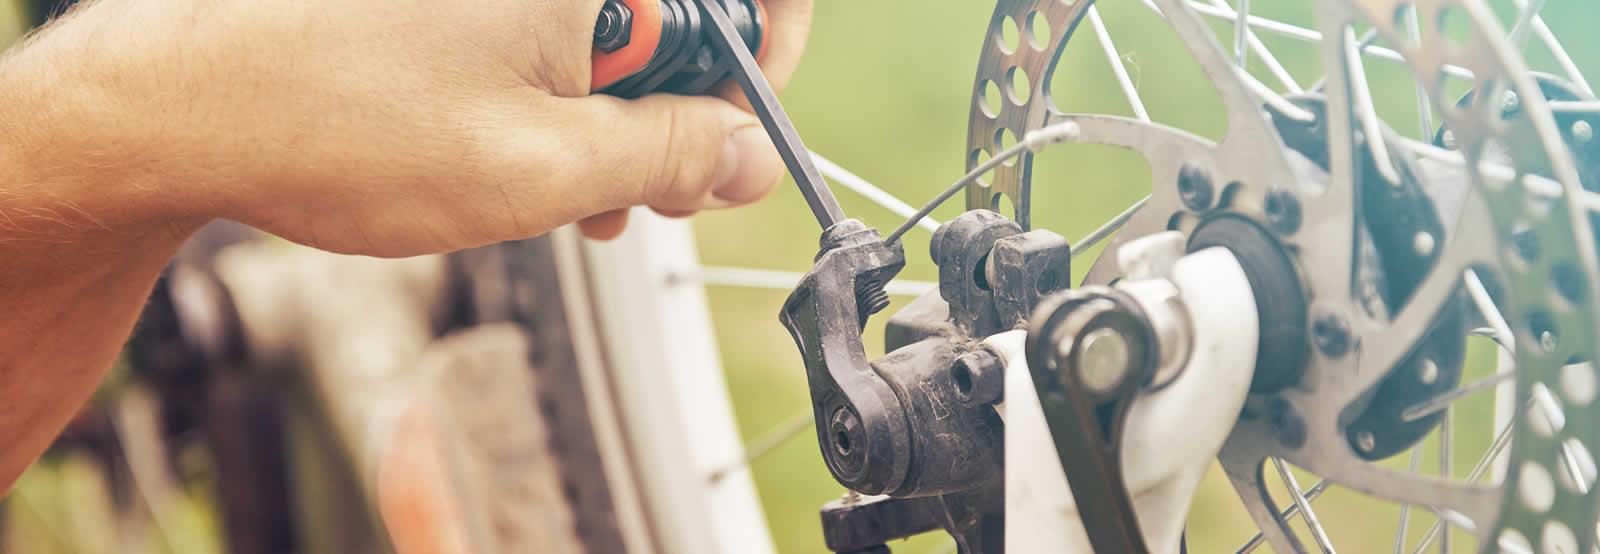 bike-repair-blog